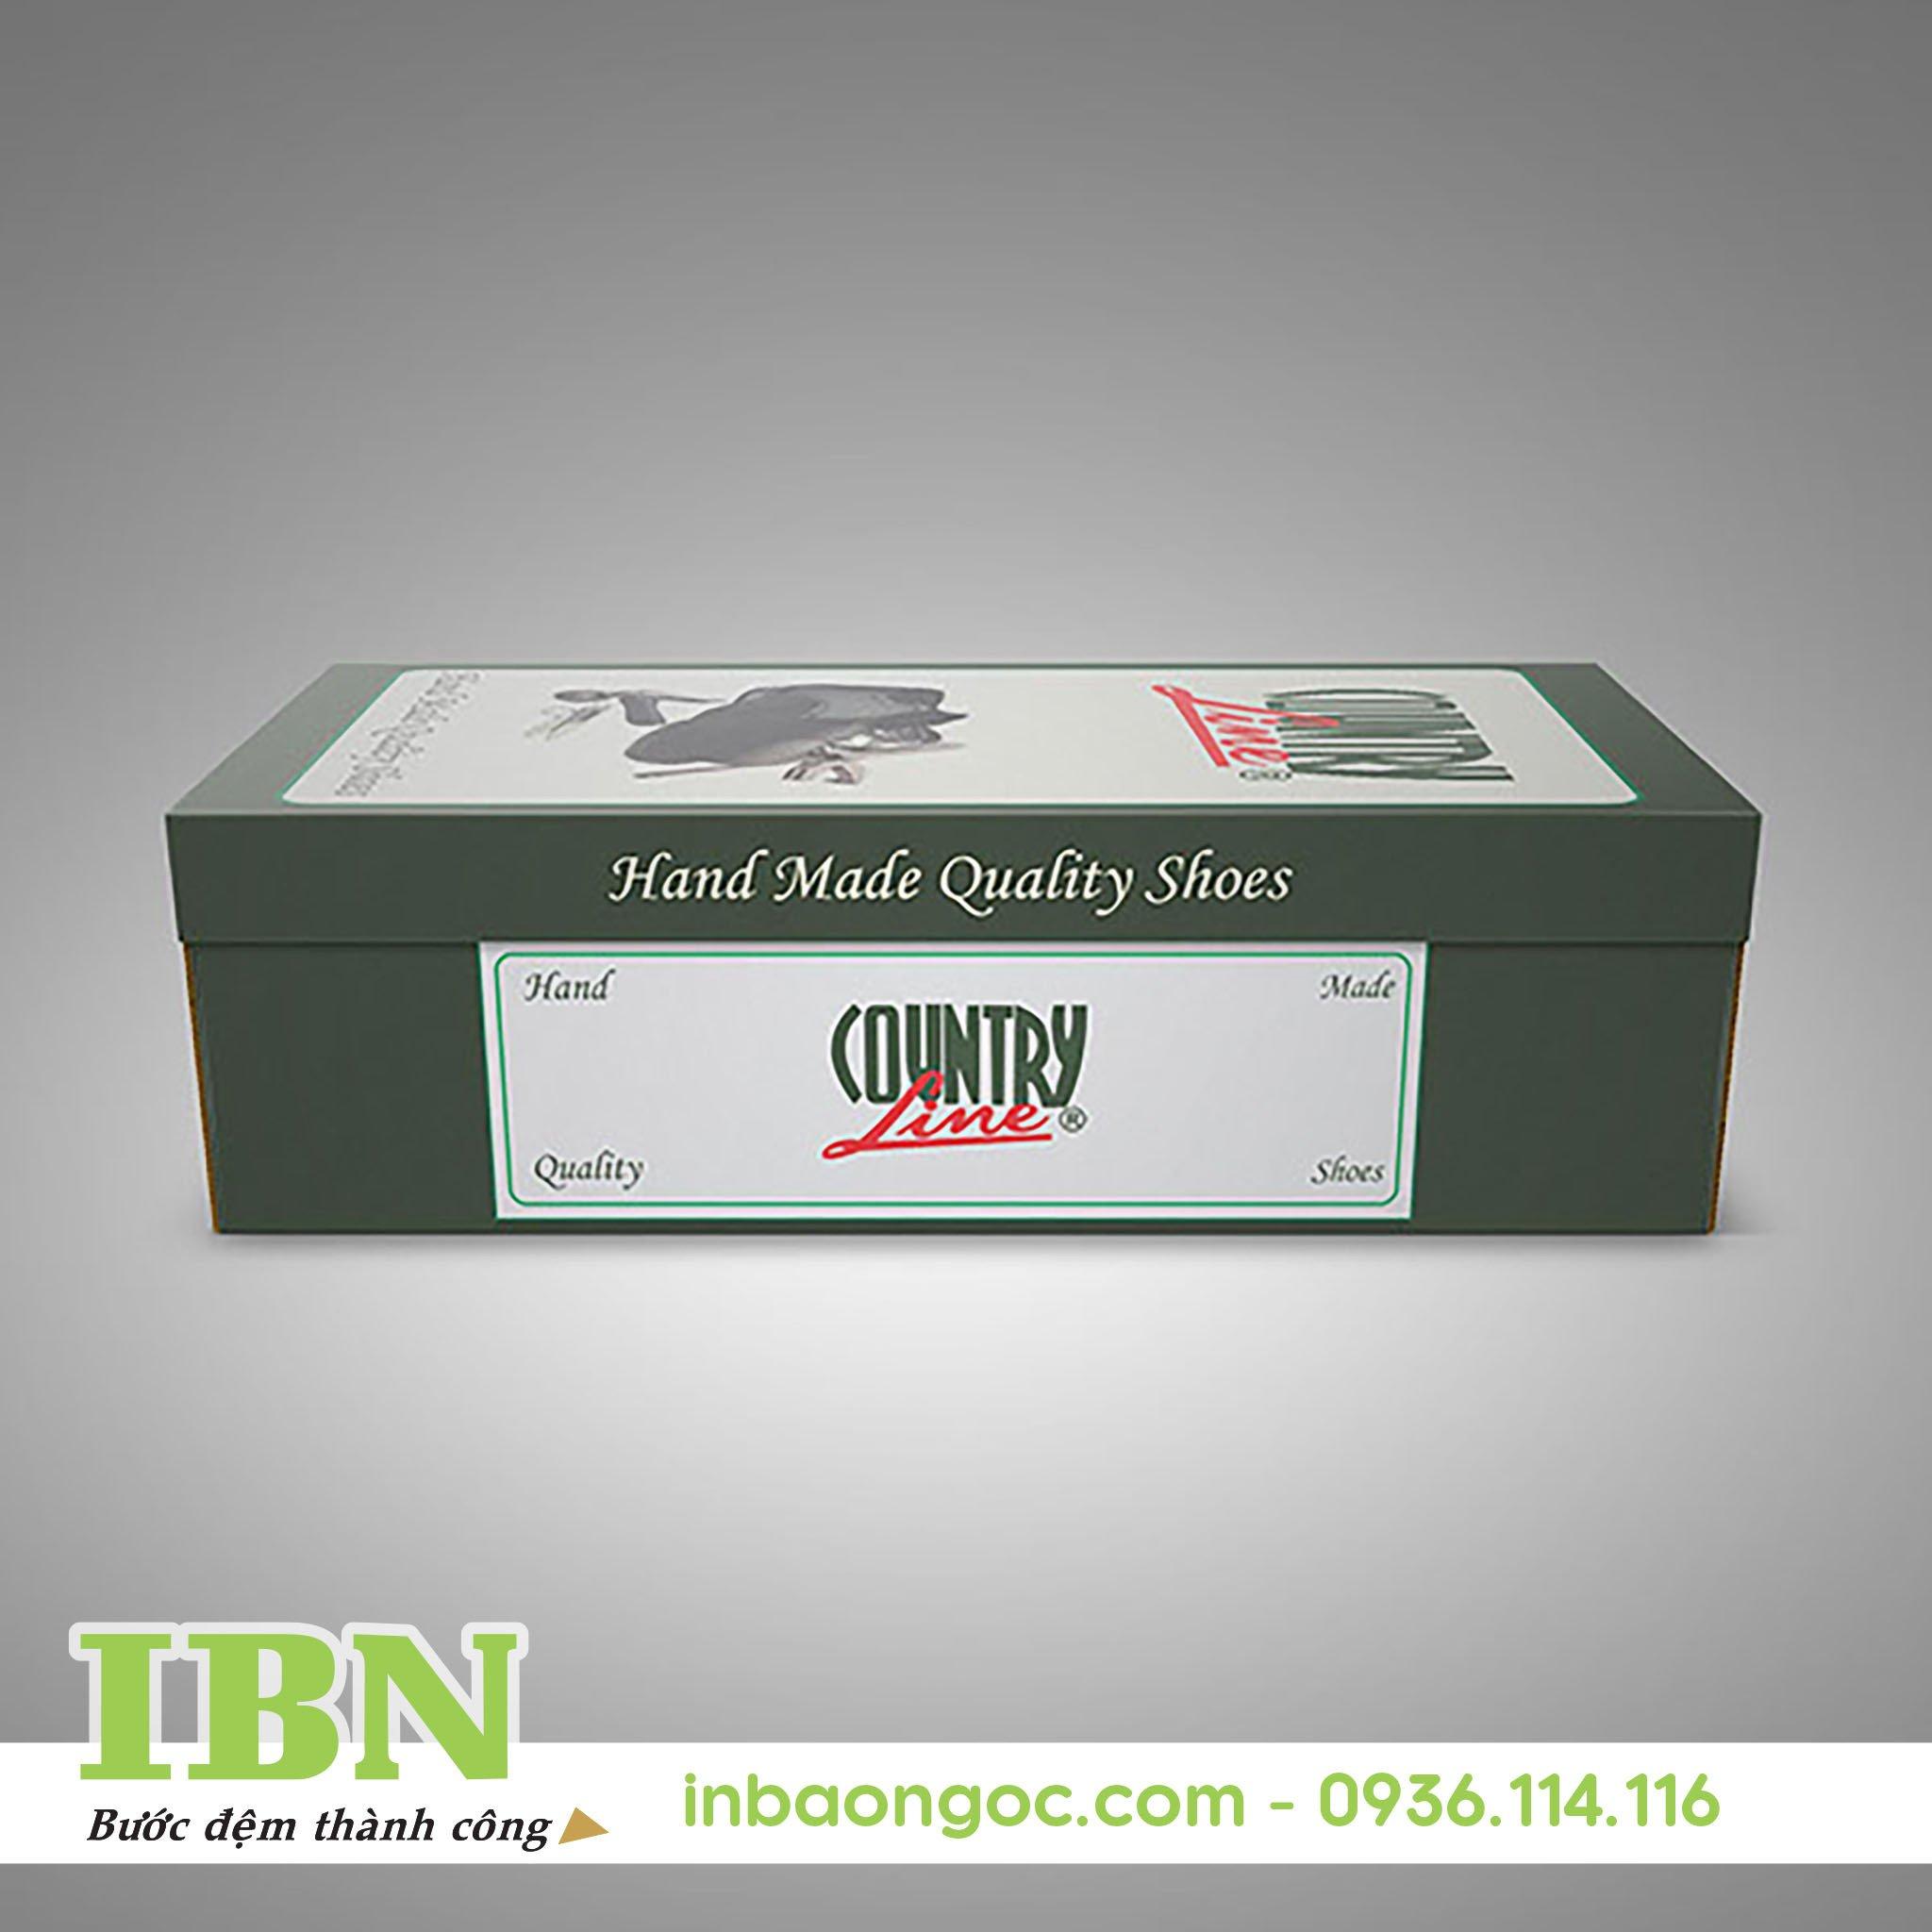 Mẫu hộp giấy đựng giày đẹp 02